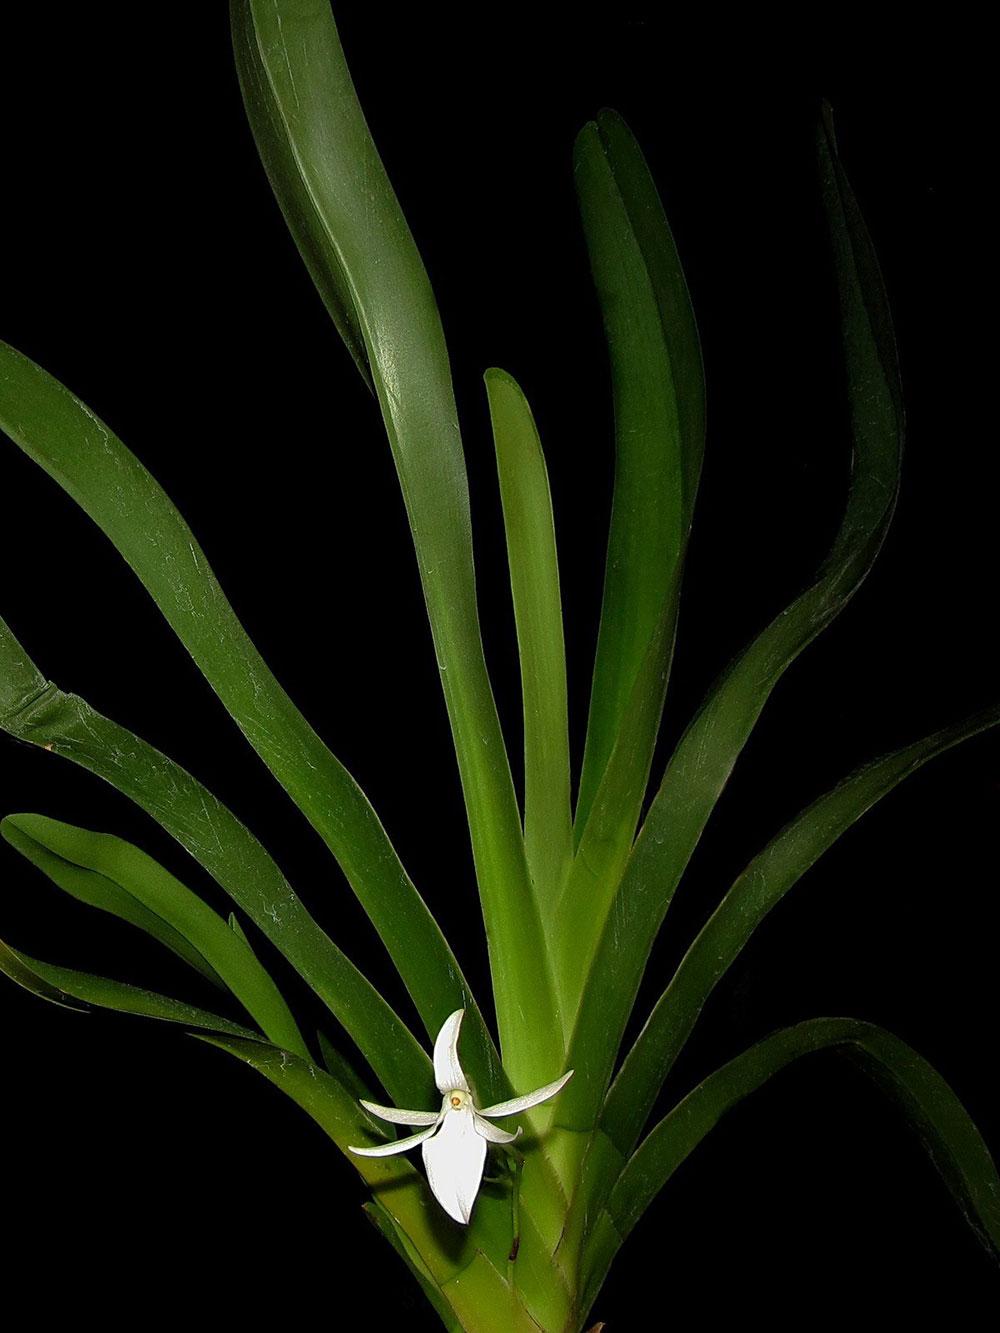 蜘蛛样朱美兰Jumellea arachnantha (Rchb.f.) Schltr.